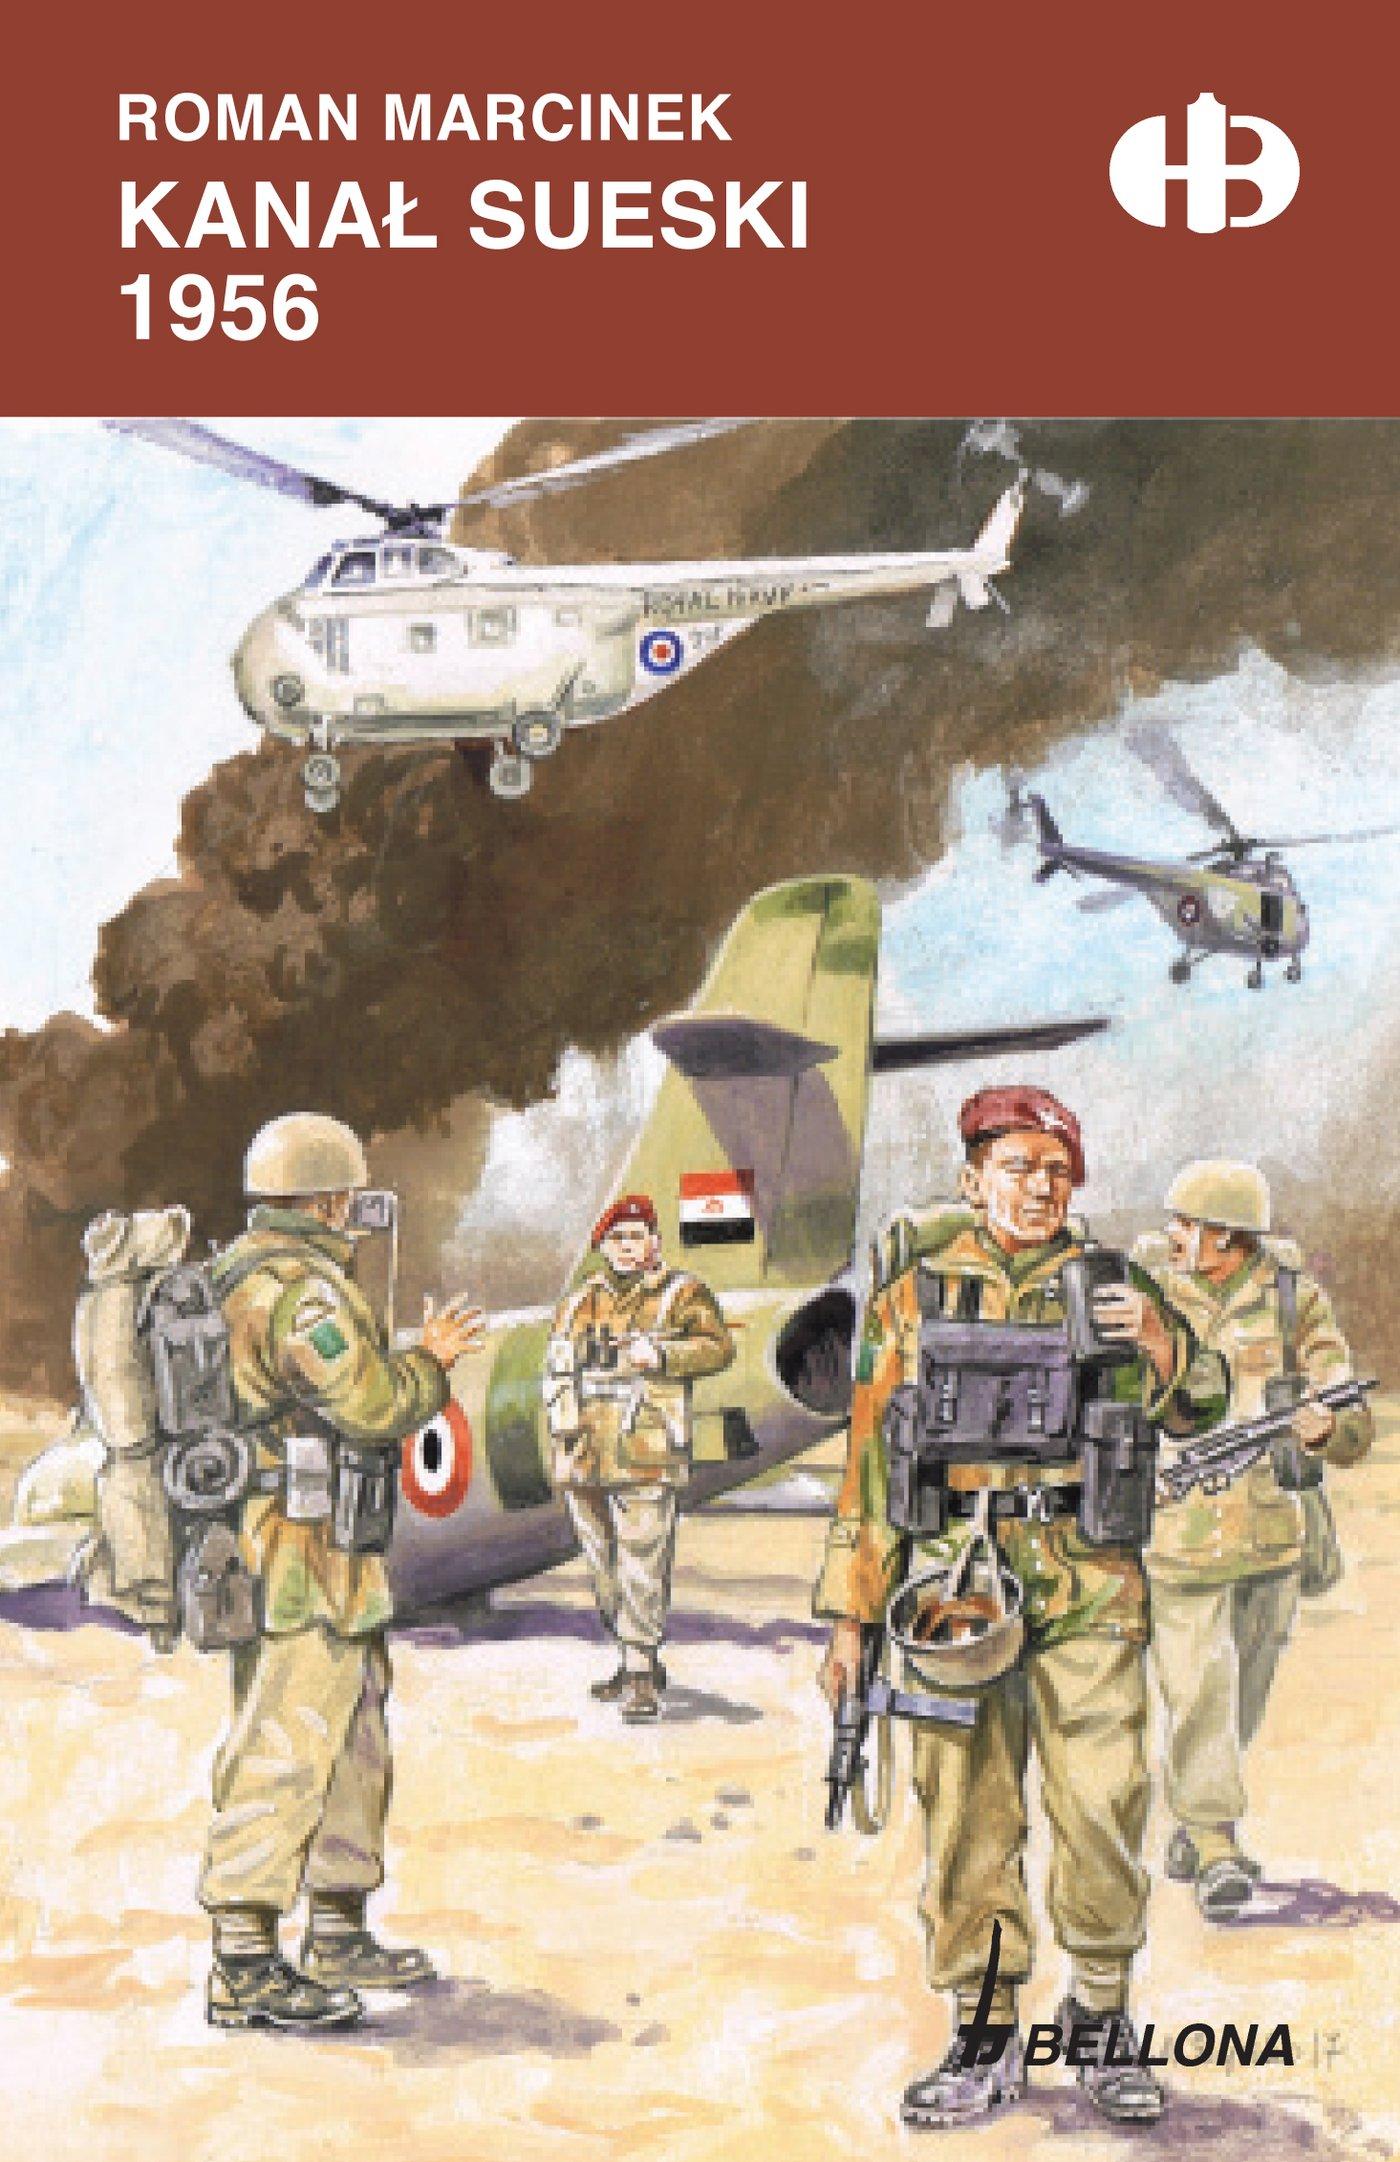 Kanał Sueski 1956 - Ebook (Książka na Kindle) do pobrania w formacie MOBI